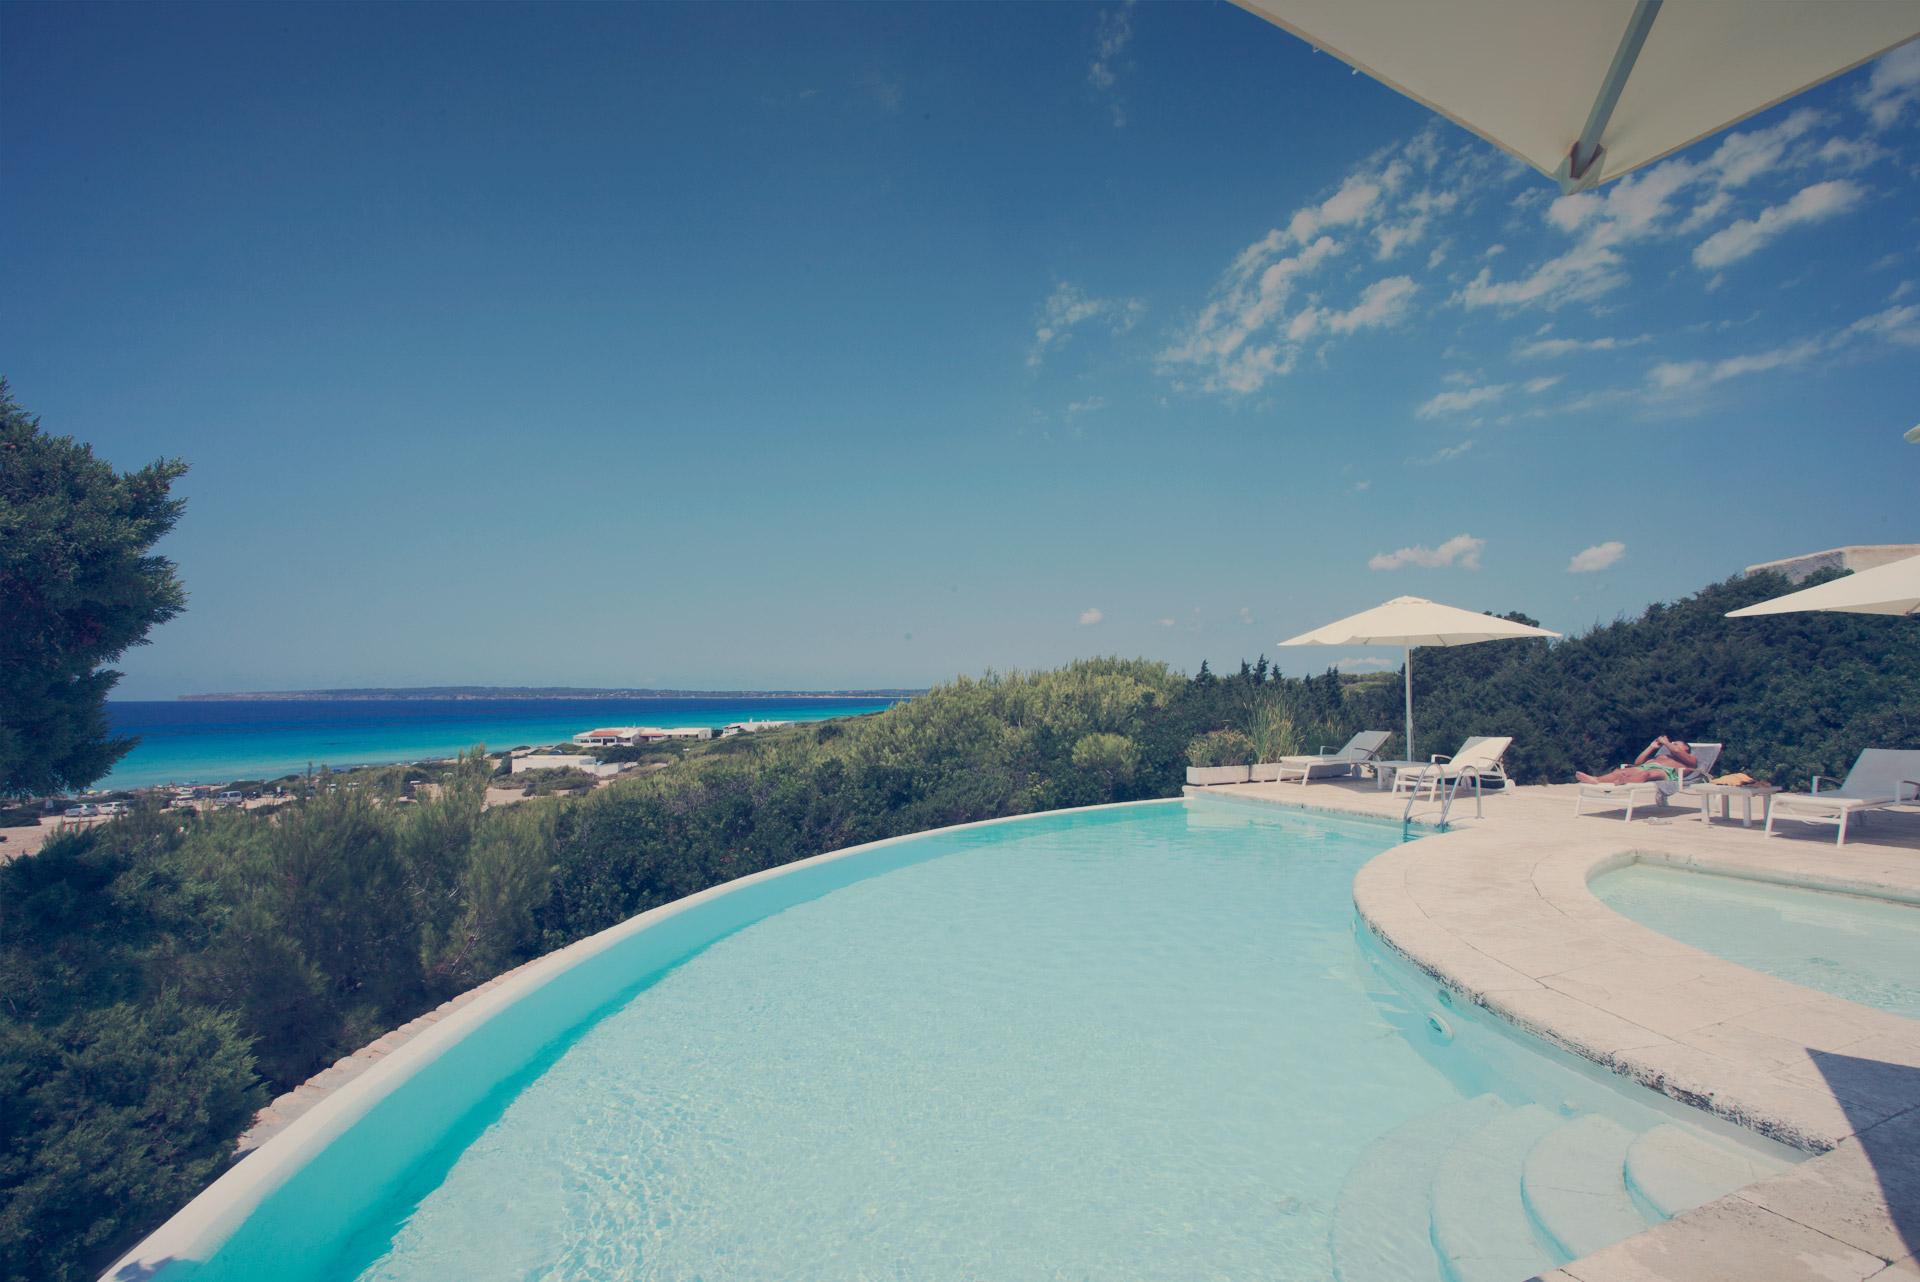 Las Dunas Playa - Touristic Service GmbH